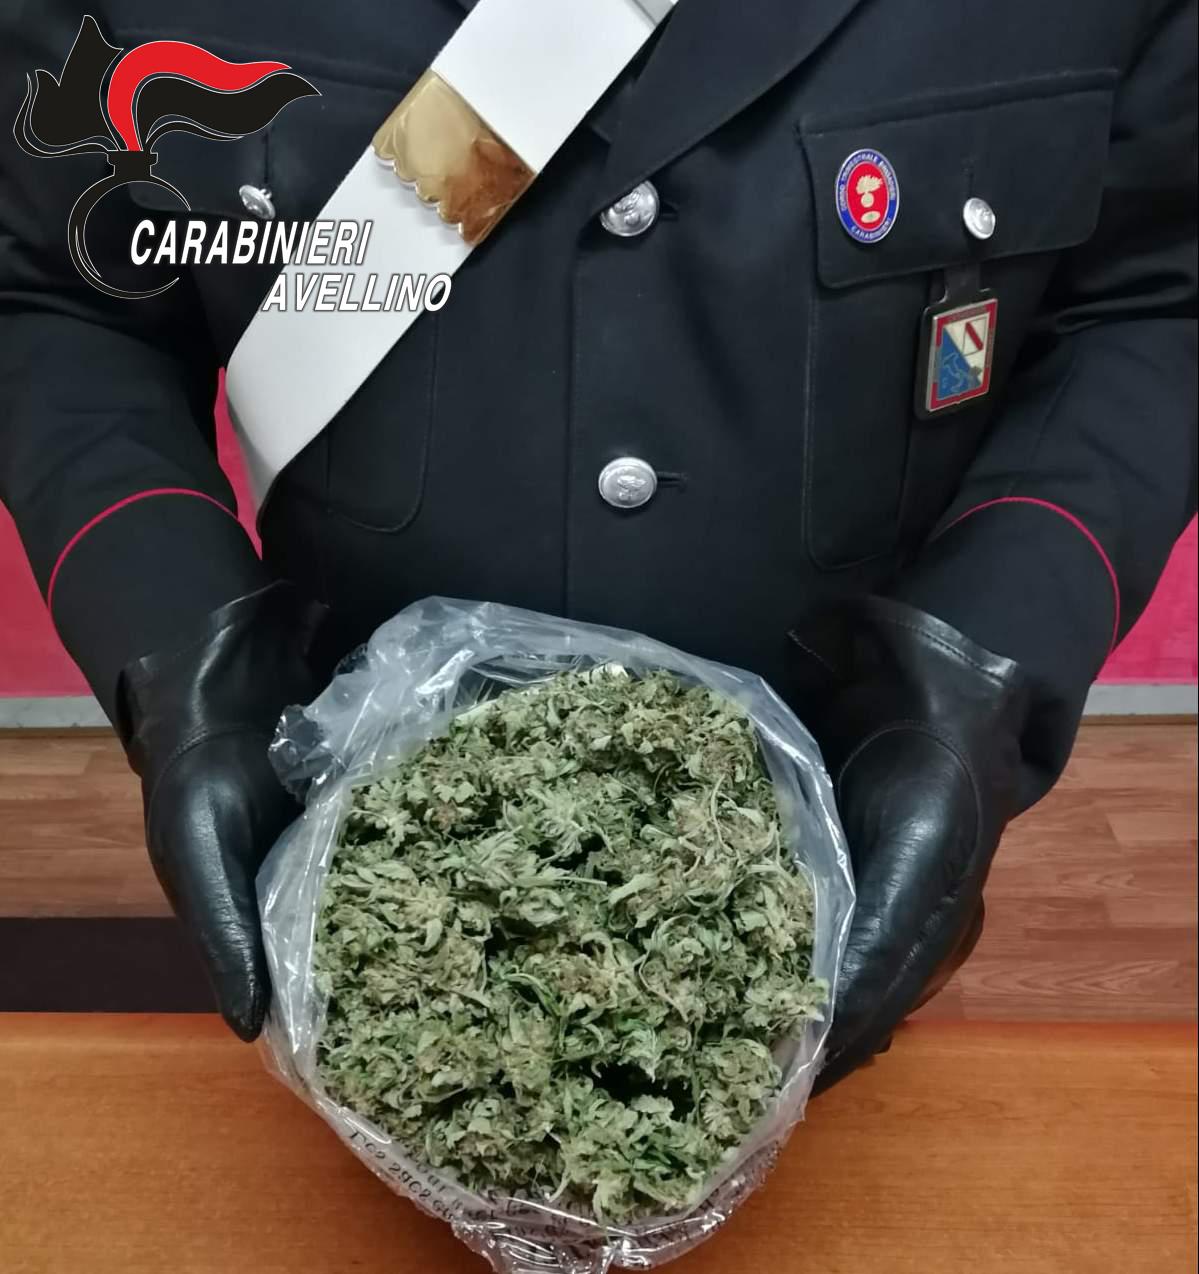 Avella| Mezzo chilo di marijuana, 30enne ai domiciliari per spaccio di droga